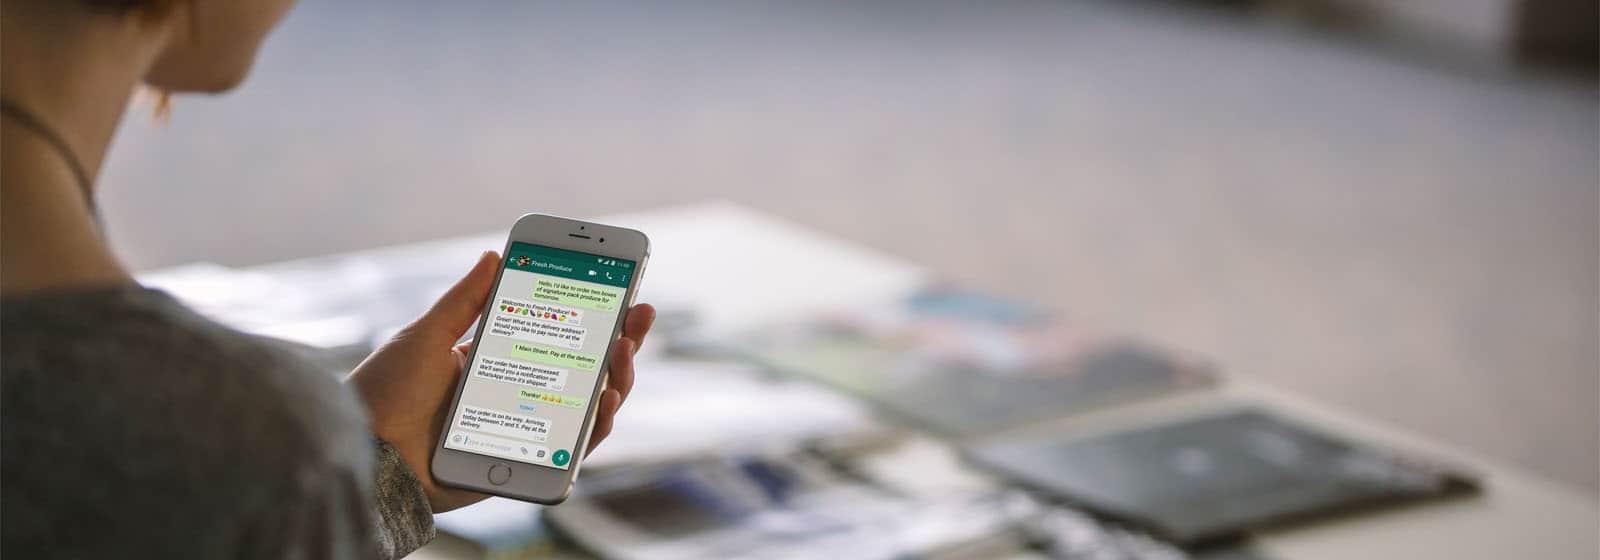 WhatsApp: voici ce qui a changé avec l'arrivée de l'API